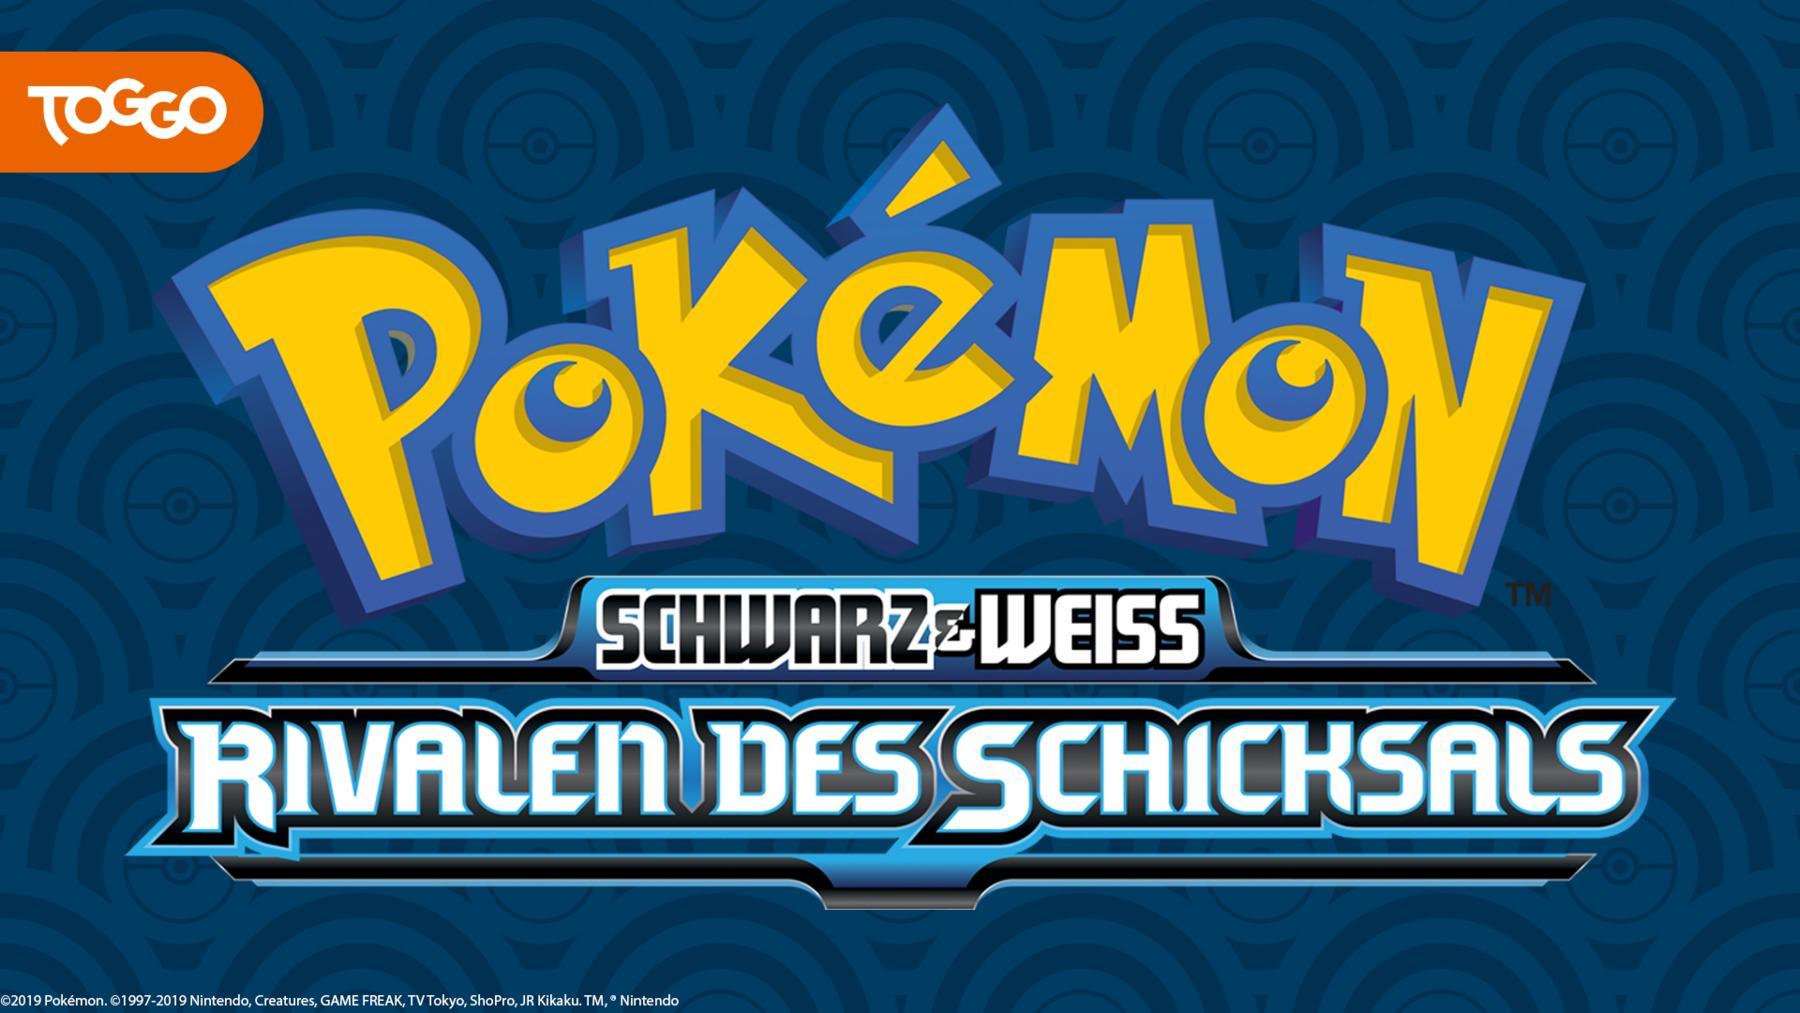 Pokémon Schwarz & Weiß: Rivalen des Schicksals / 15